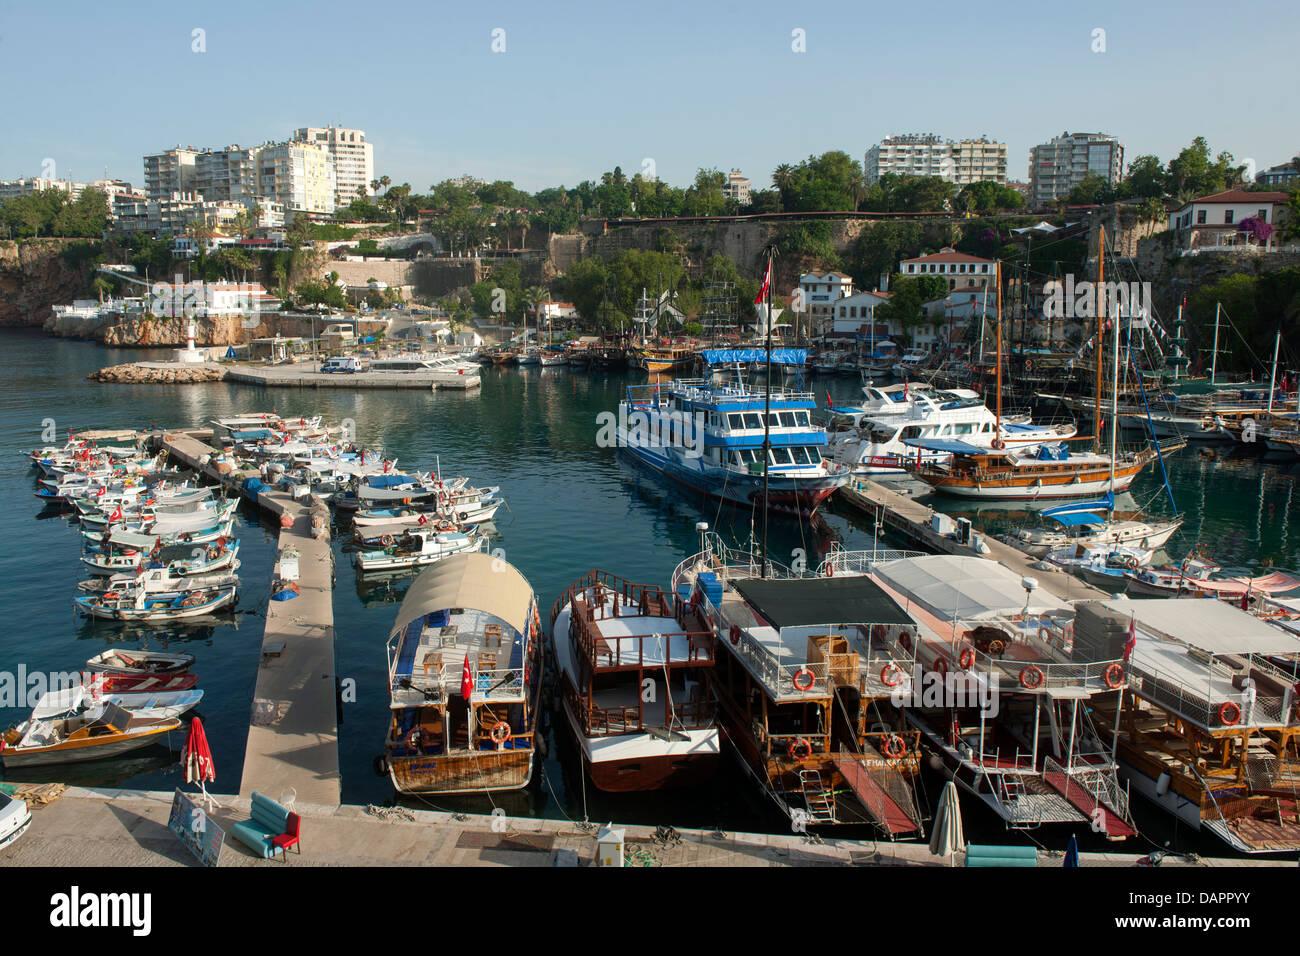 Türkei, Antalya-Stadt, Hafen - Stock Image